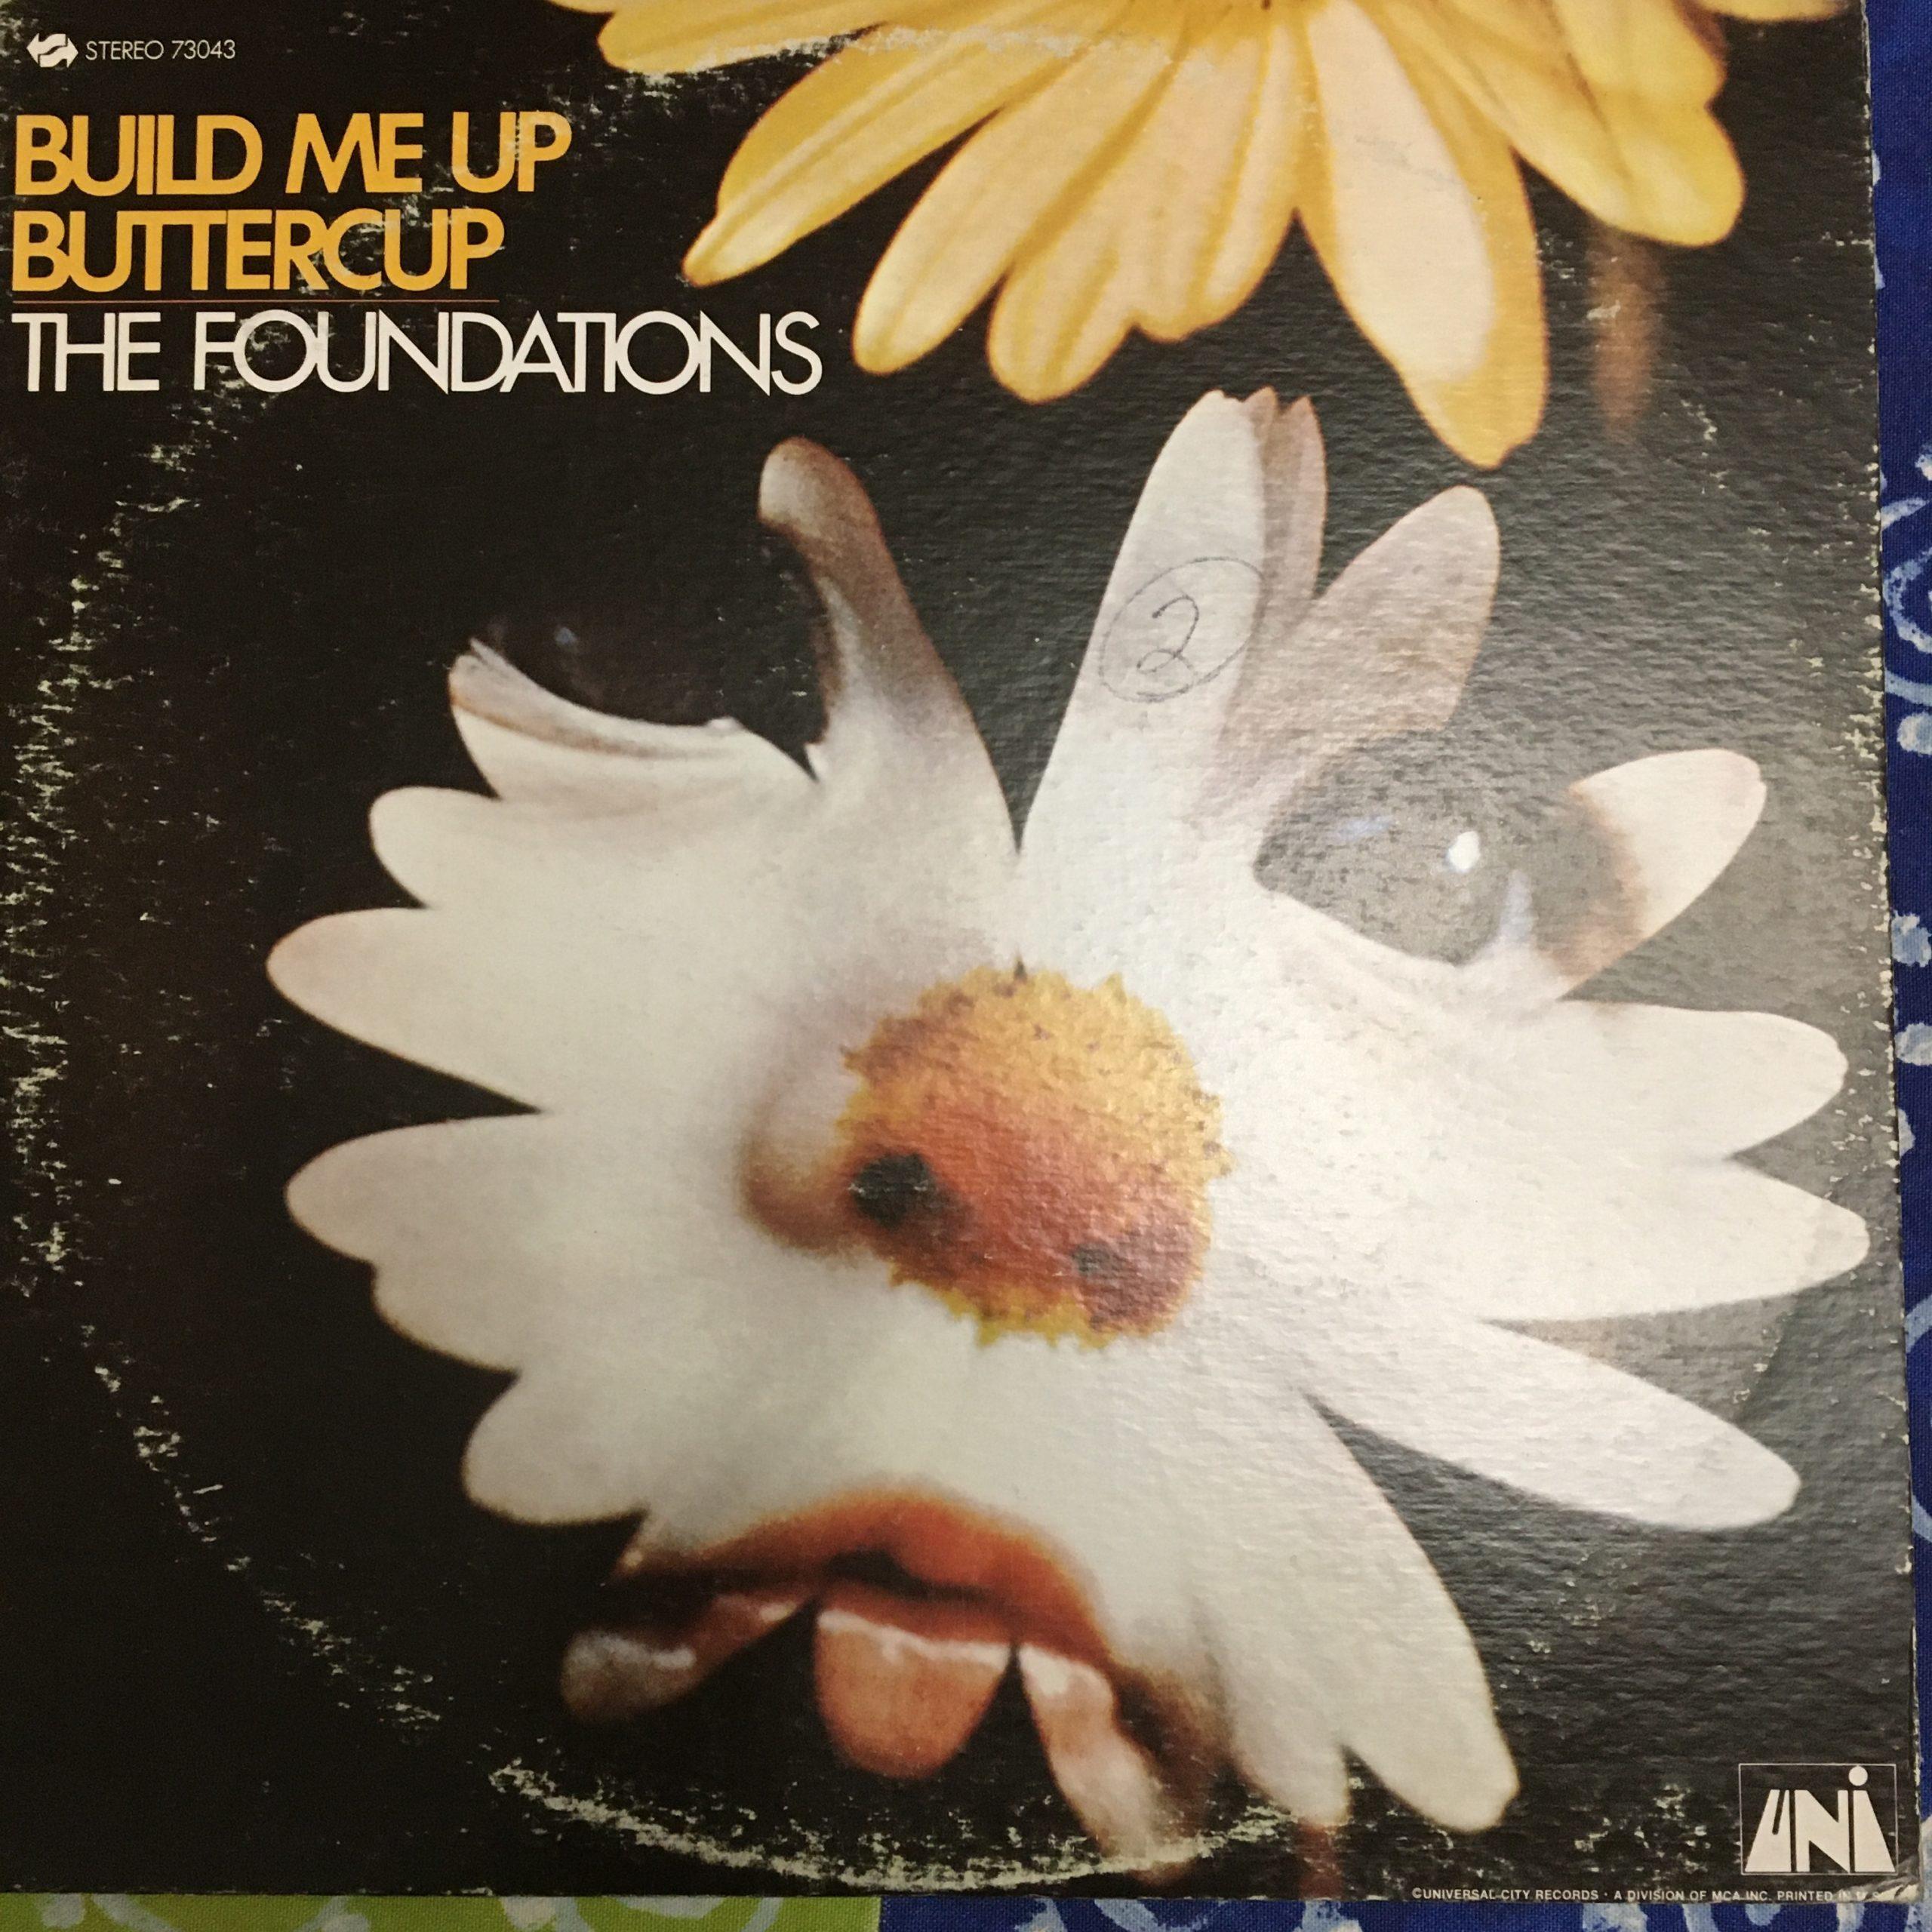 Build Me Up Buttercup album cover